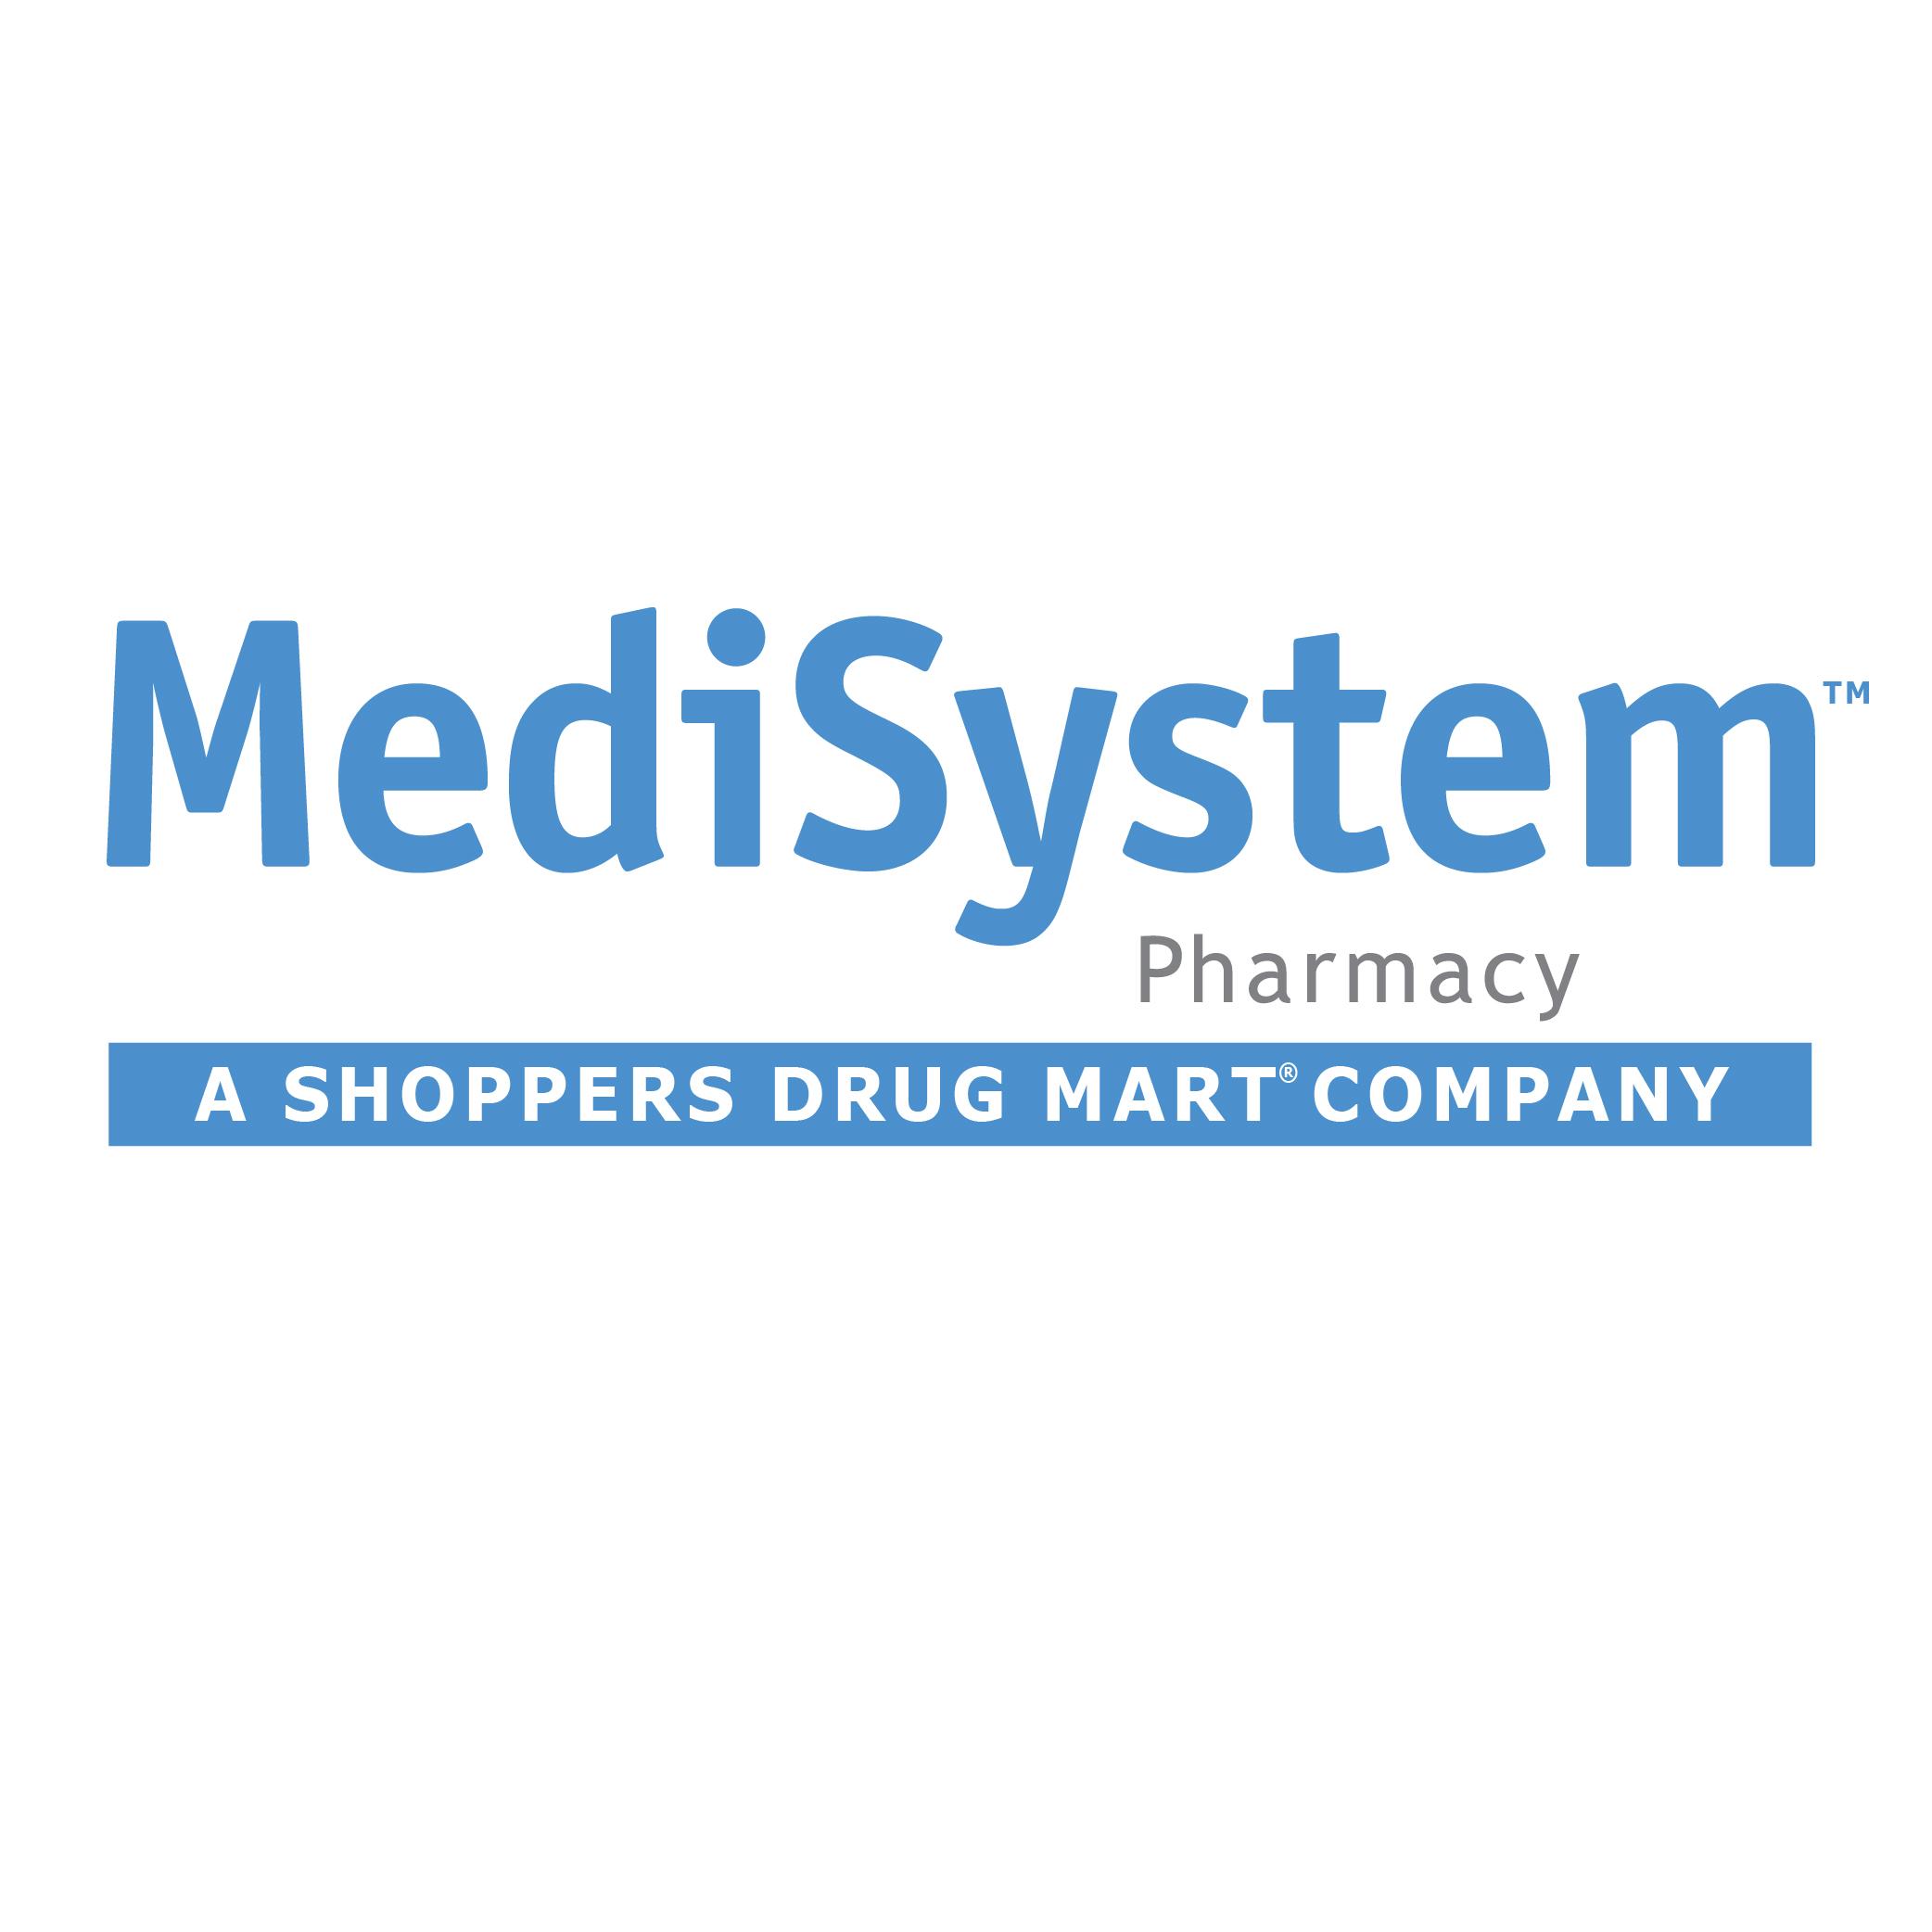 medisystem pharmacy